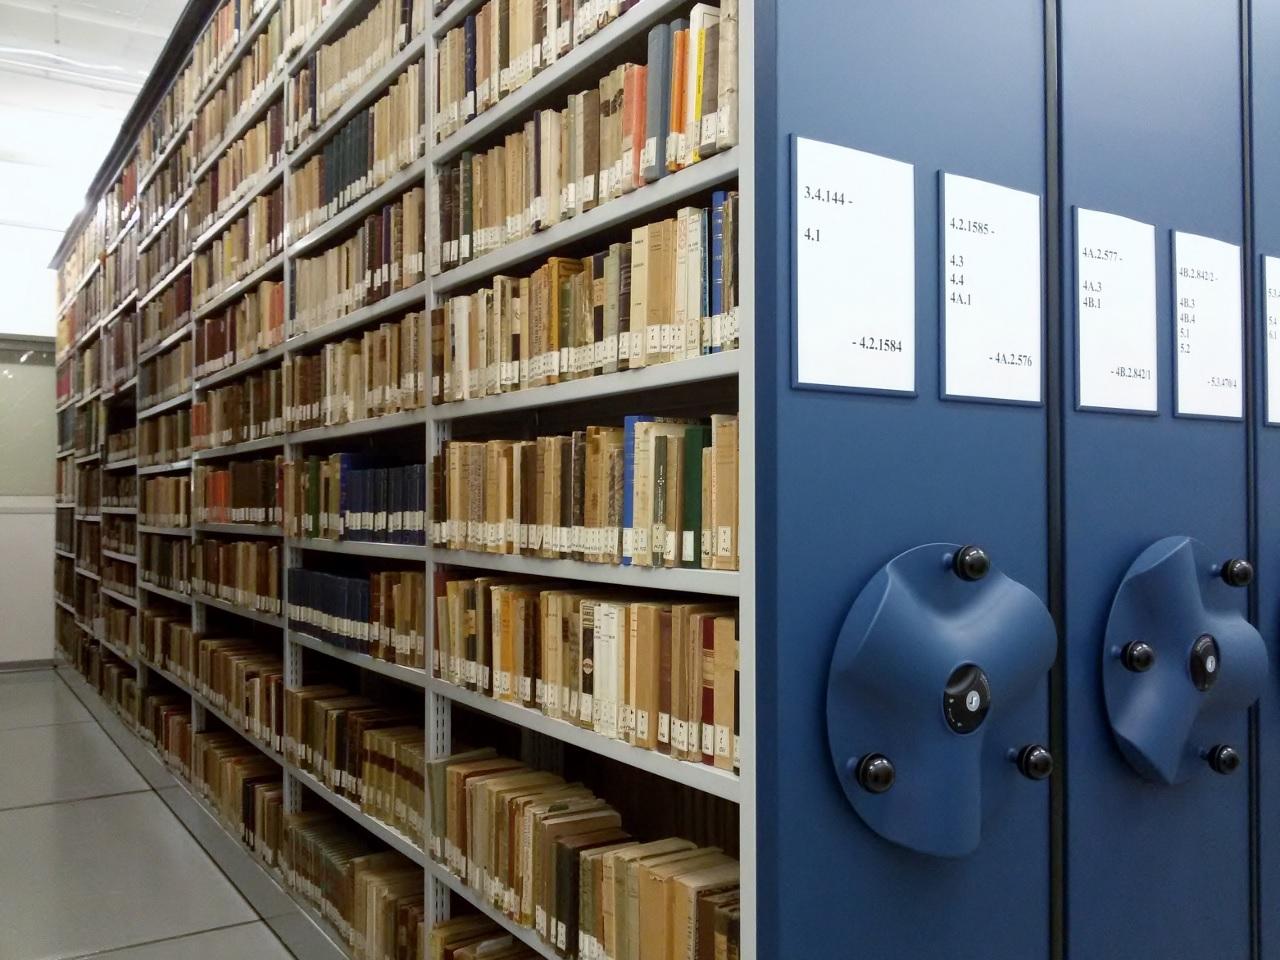 La Tecnica Scaffalature.Associazione Dei Bibliotecari Ecclesiastici Italiani